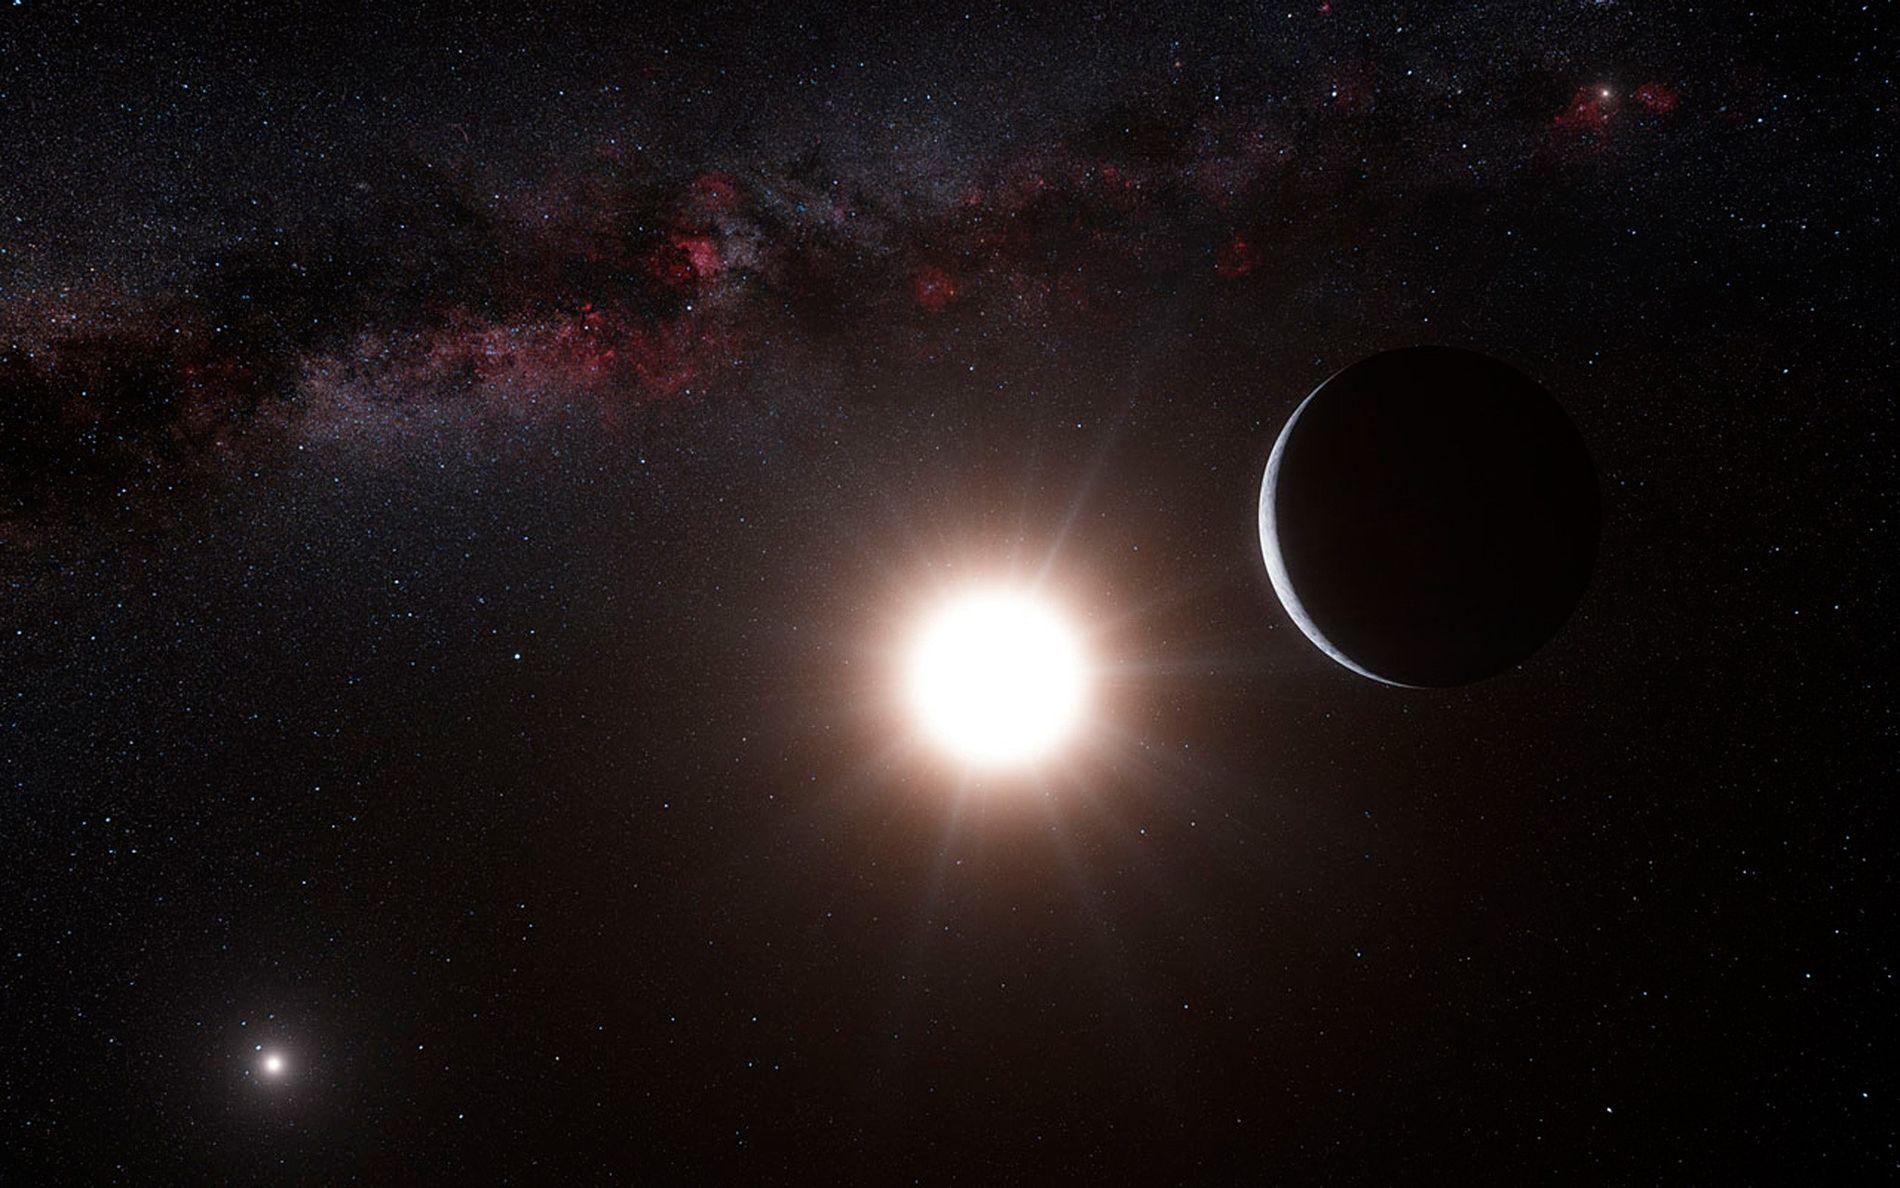 La impresión ahora obsoleta de este artista muestra el supuesto planeta Alfa Centauri Bb (derecha) con dos de las estrellas del sistema de tres estrellas Alfa Centauri (centro e izquierda).